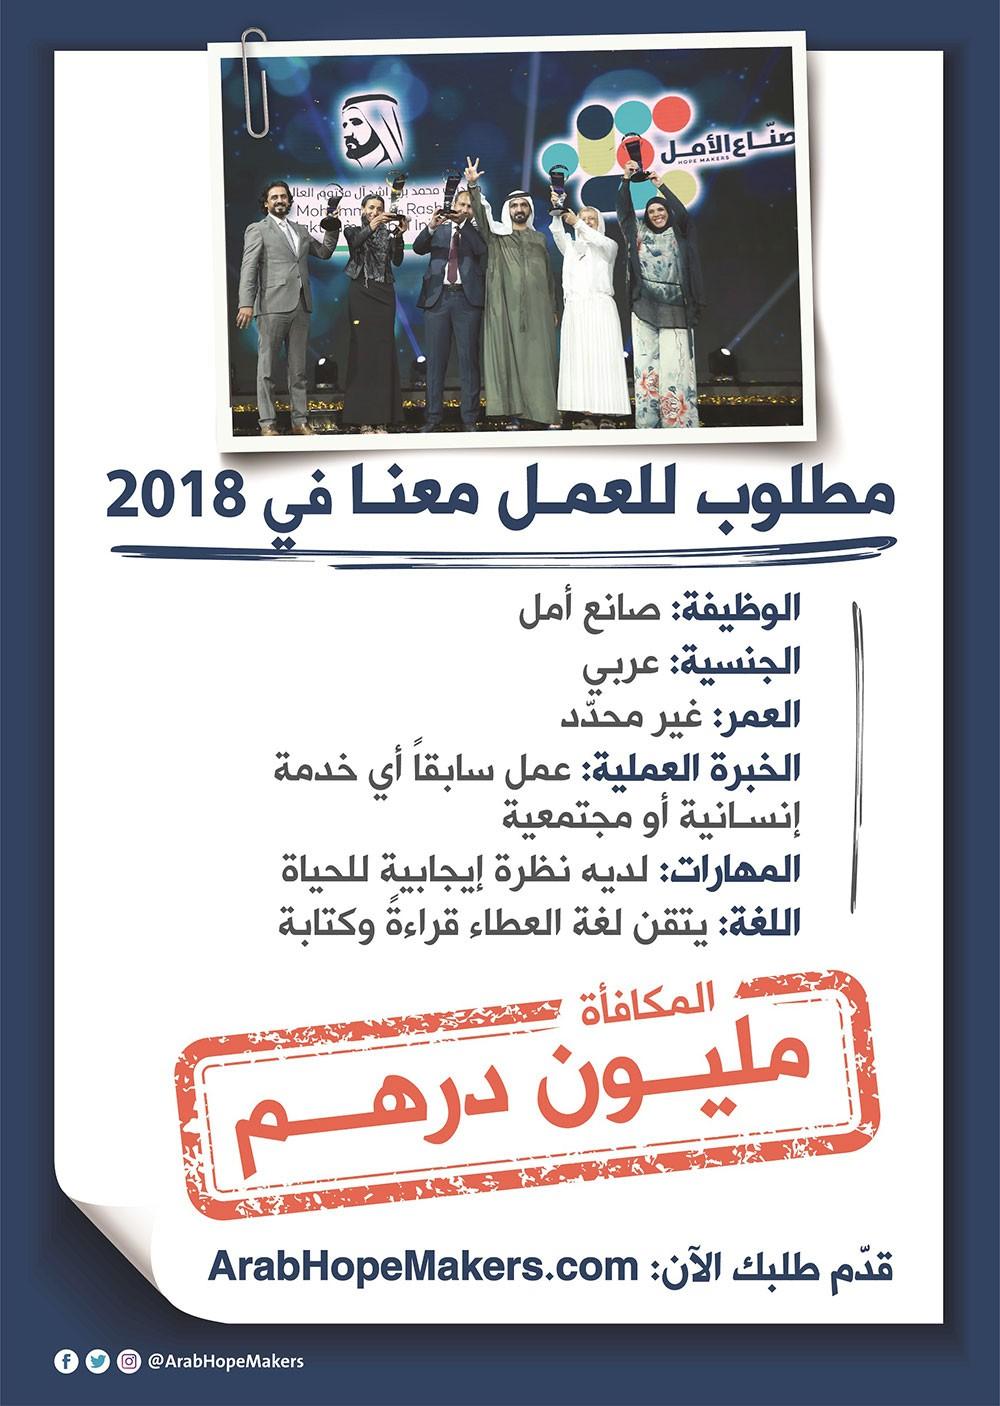 """محمد بن راشد يطلق مبادرة """"صناع الأمل"""" في دورتها الثانية"""